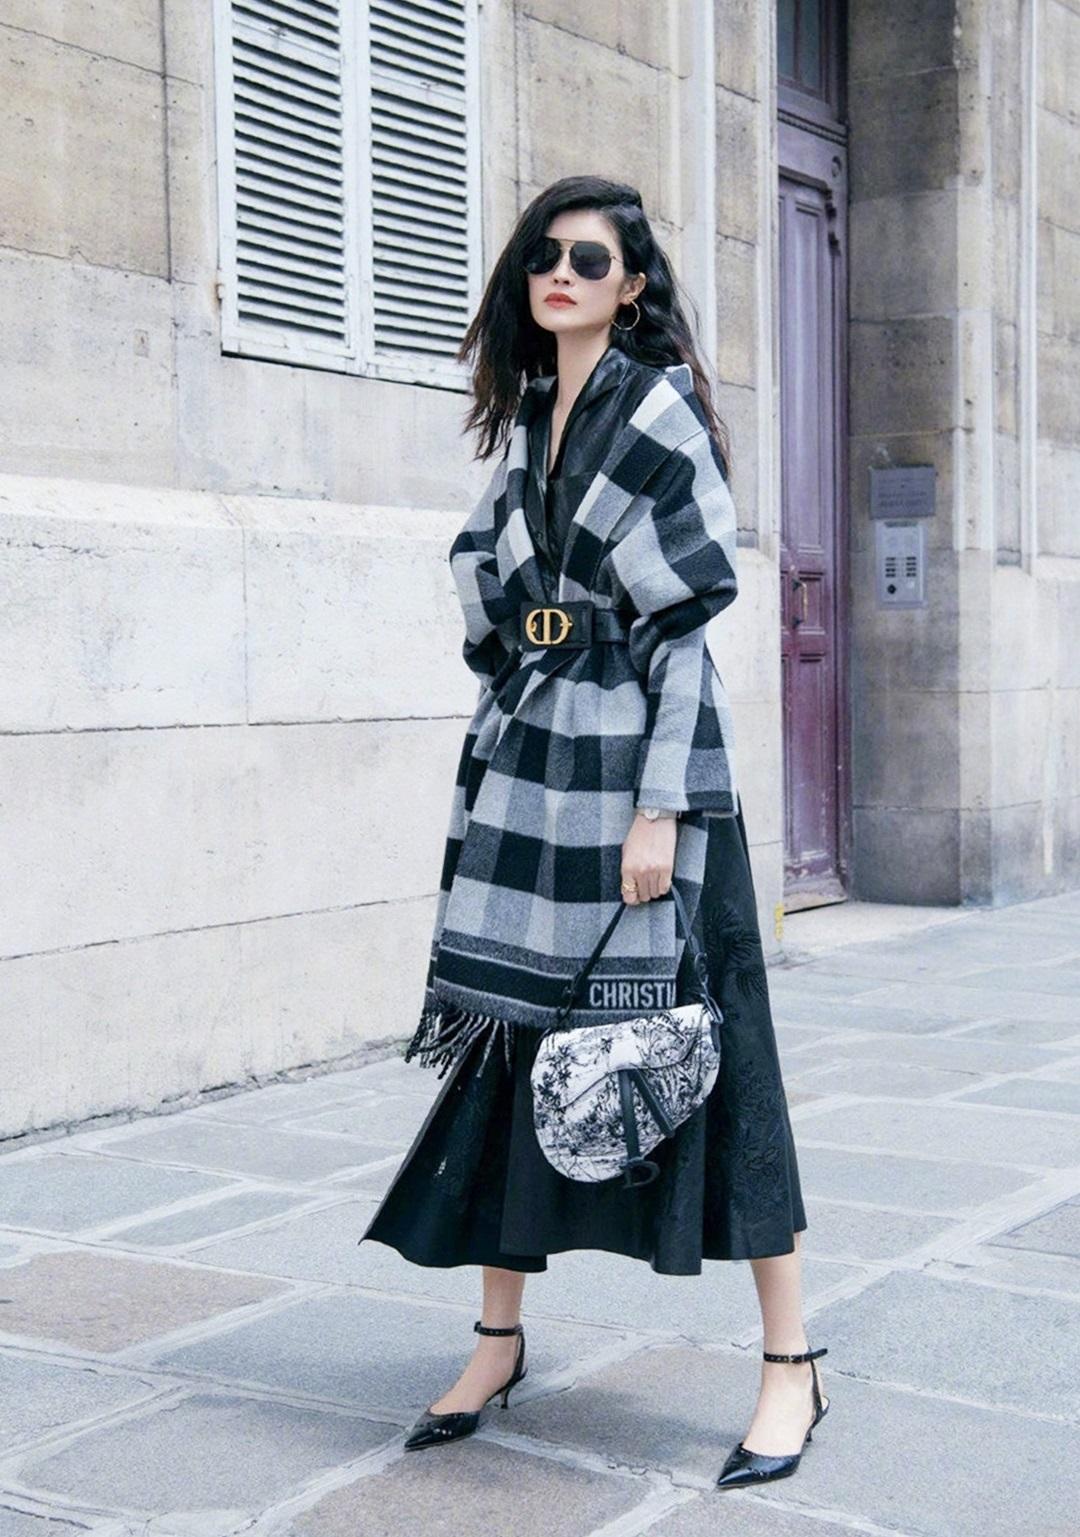 Túi yên ngựa giúp sao Hoa ngữ tôn phong cách - 18